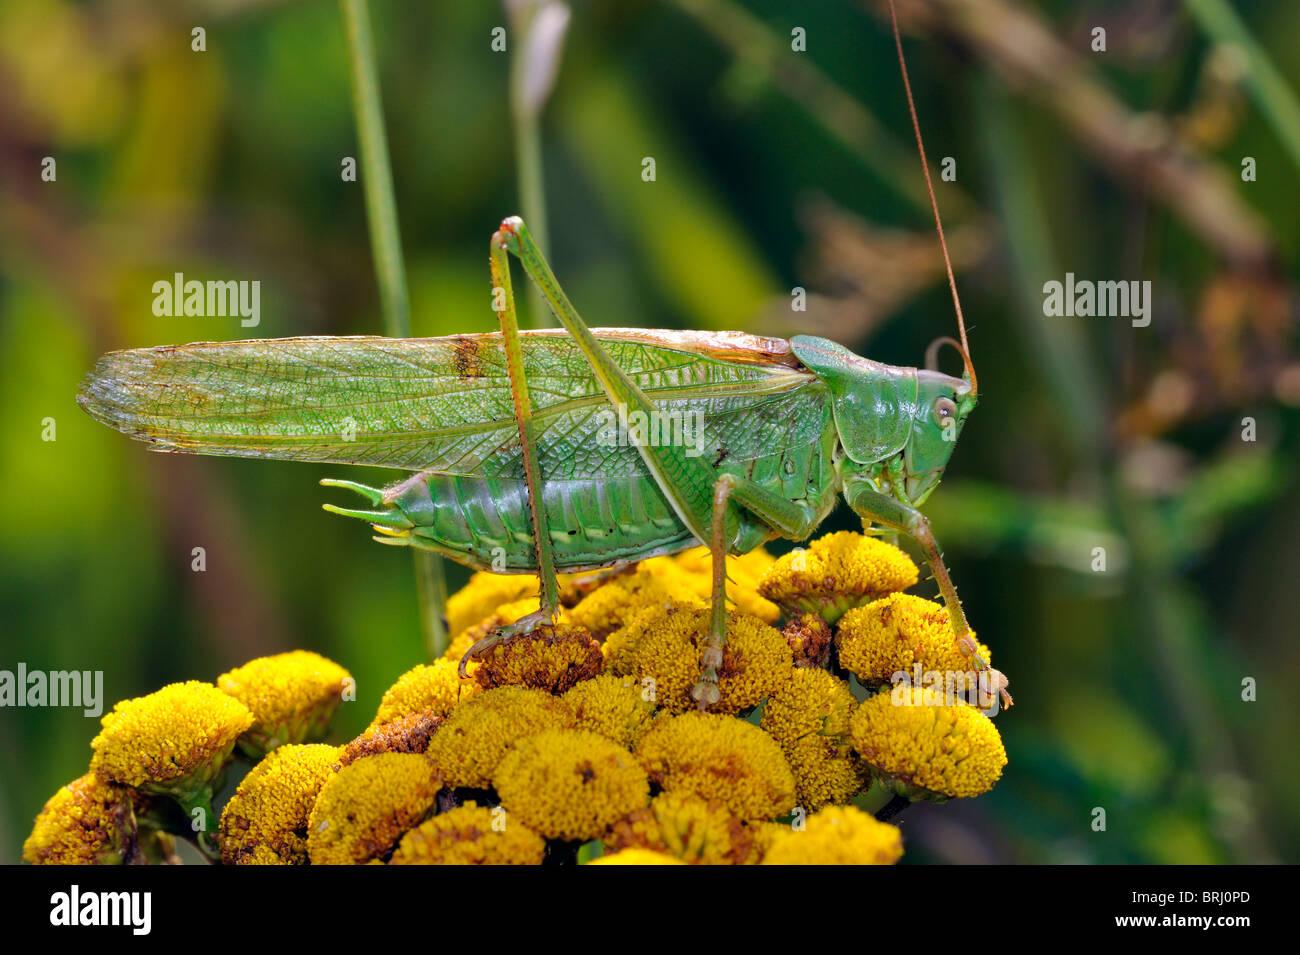 Große grüne Bush-Cricket (Tettigonia Viridissima) auf Rainfarn Blüten Stockbild